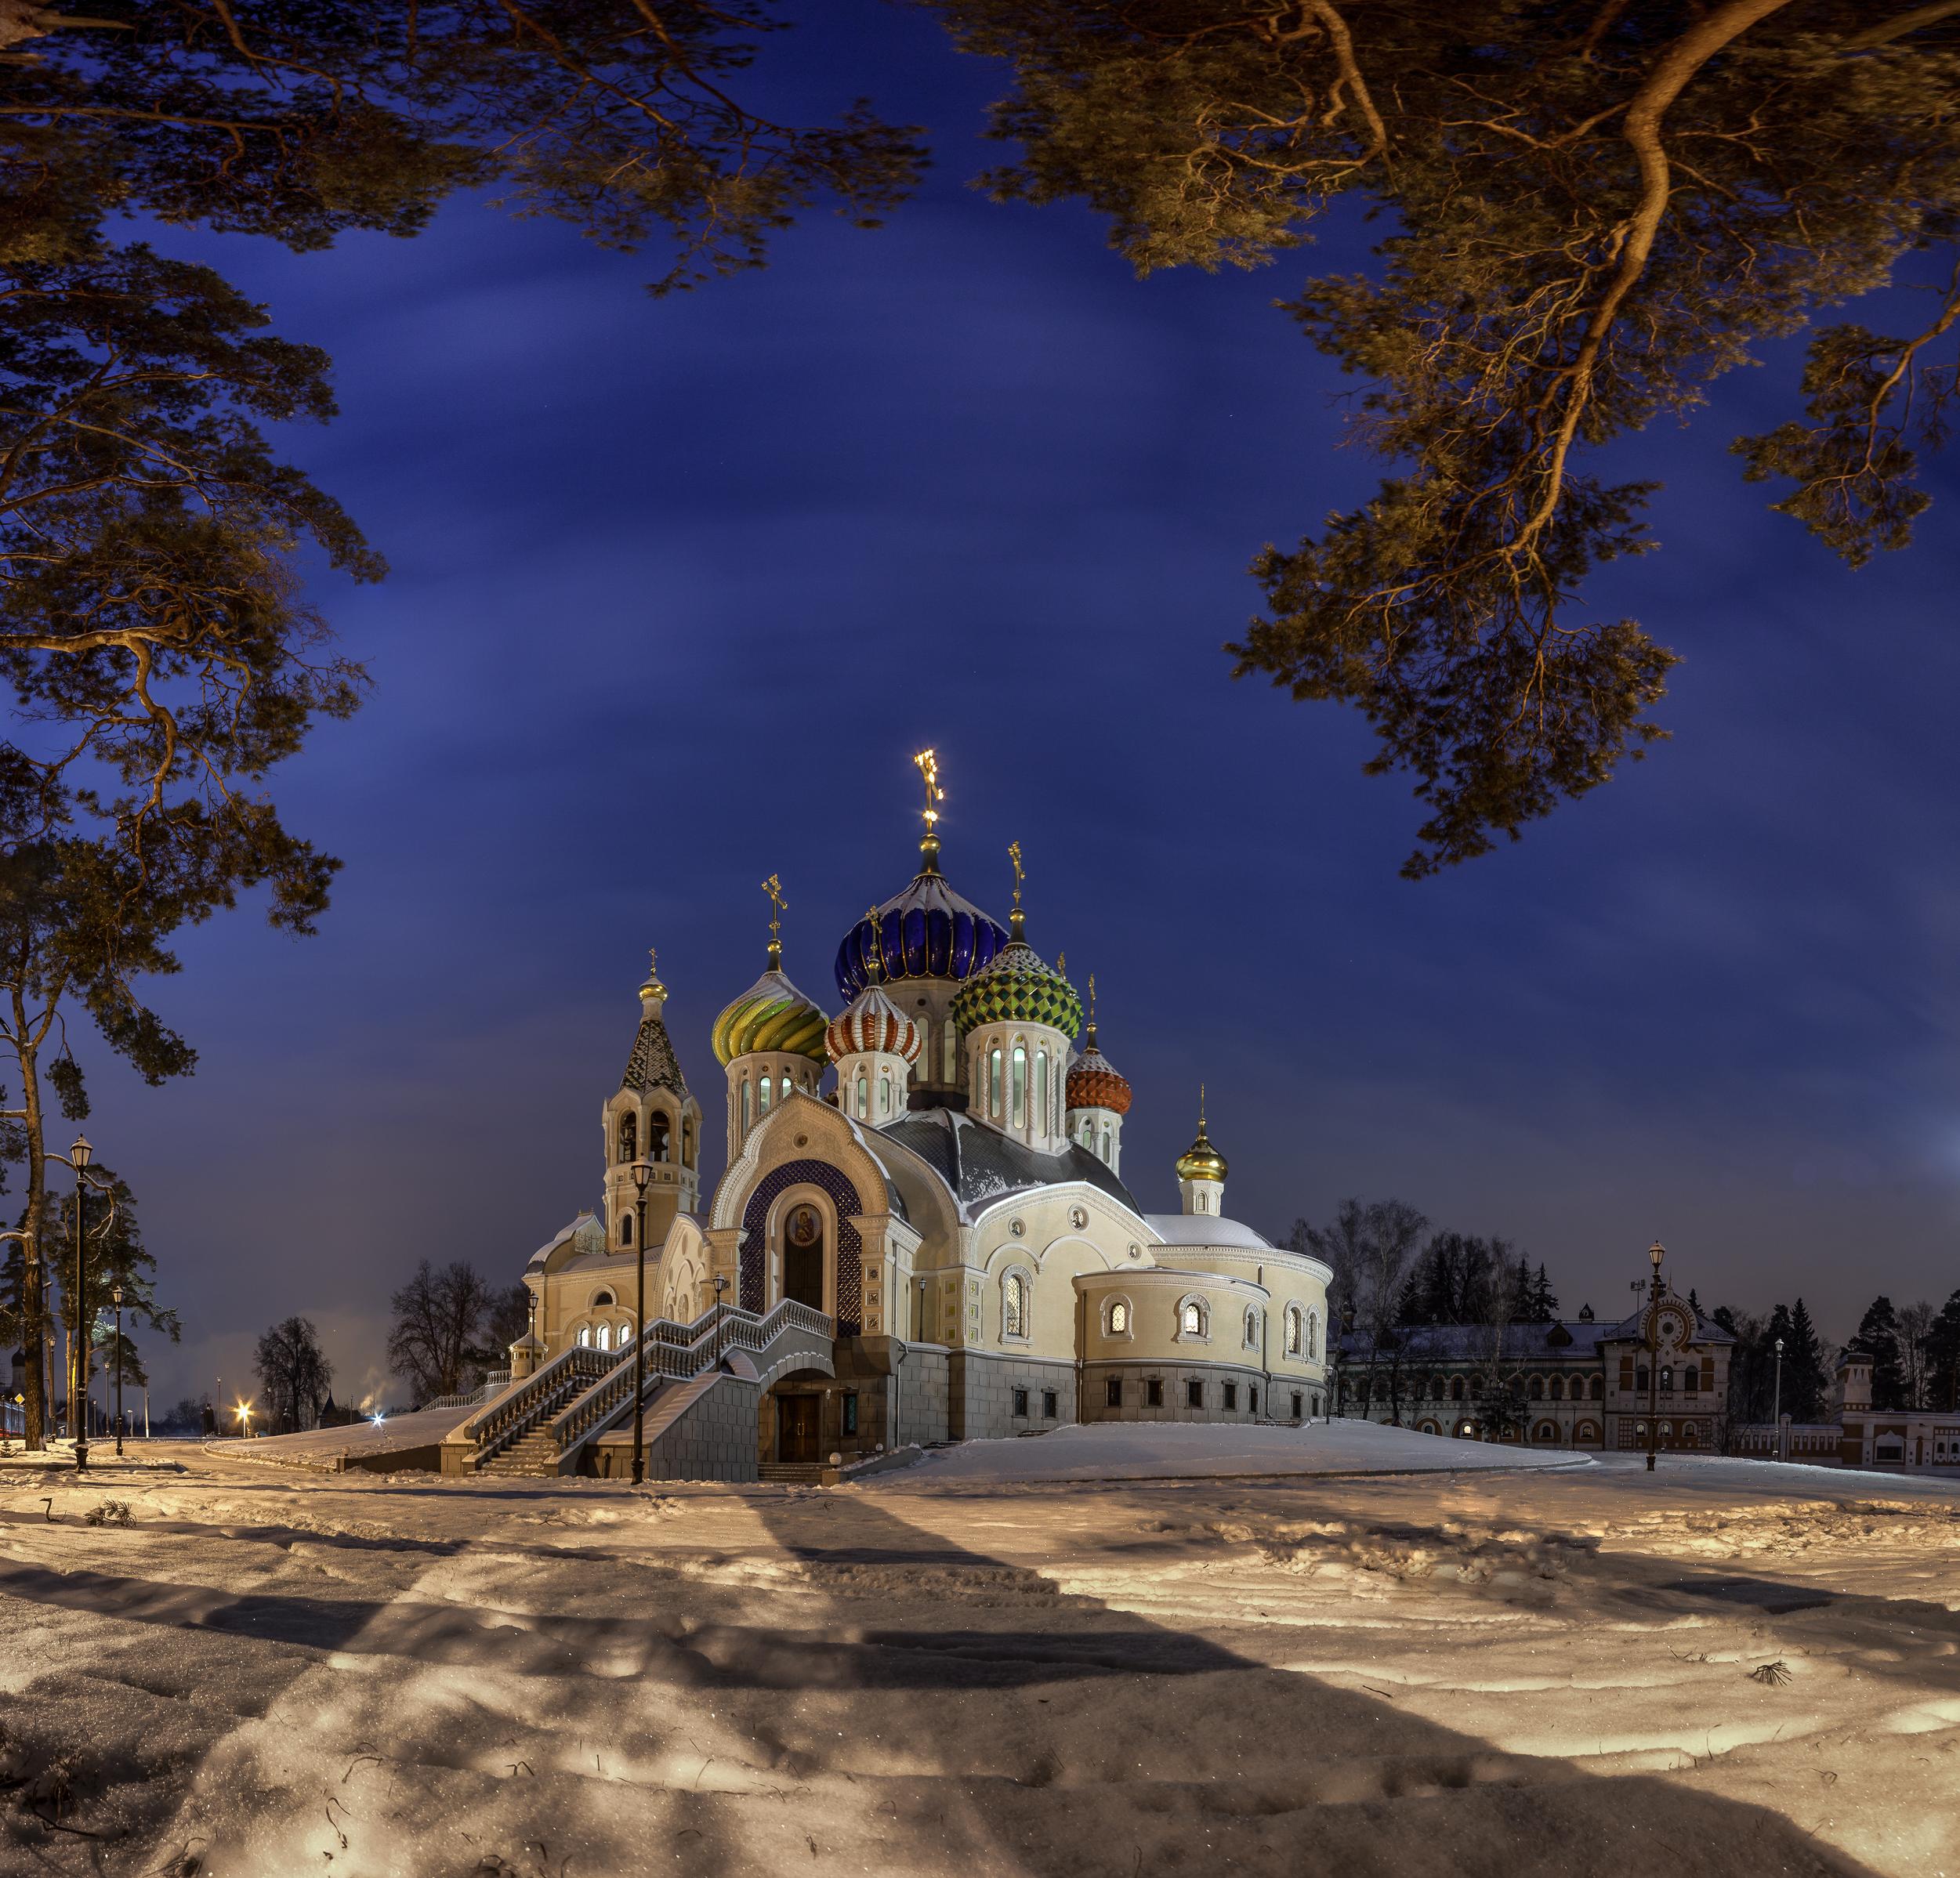 Зимний вечер в Переделкино | Религия | Фотография #159587